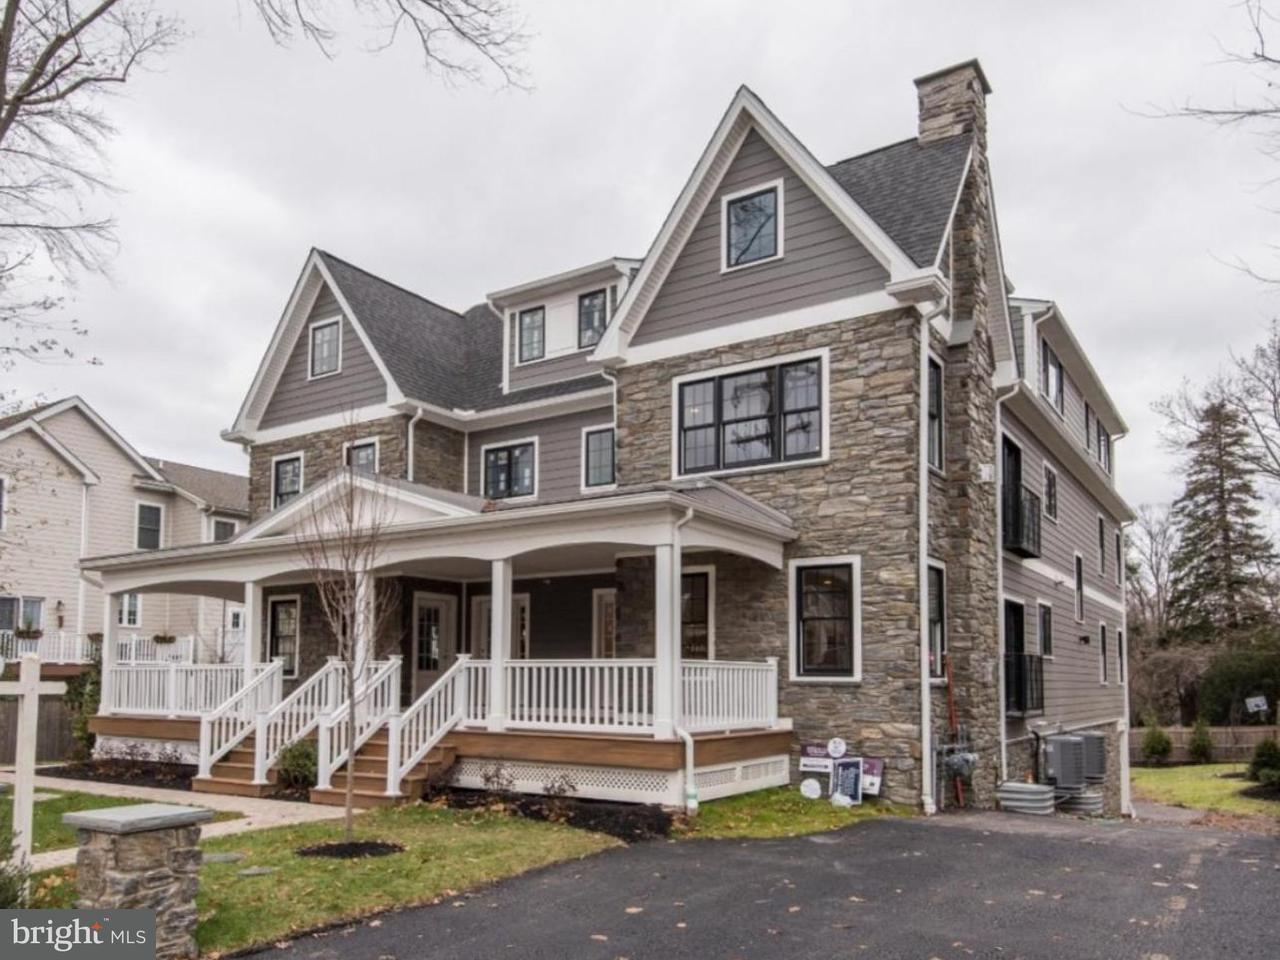 Casa unifamiliar adosada (Townhouse) por un Venta en 111 W MONTGOMERY AVE #B Ardmore, Pennsylvania 19003 Estados Unidos